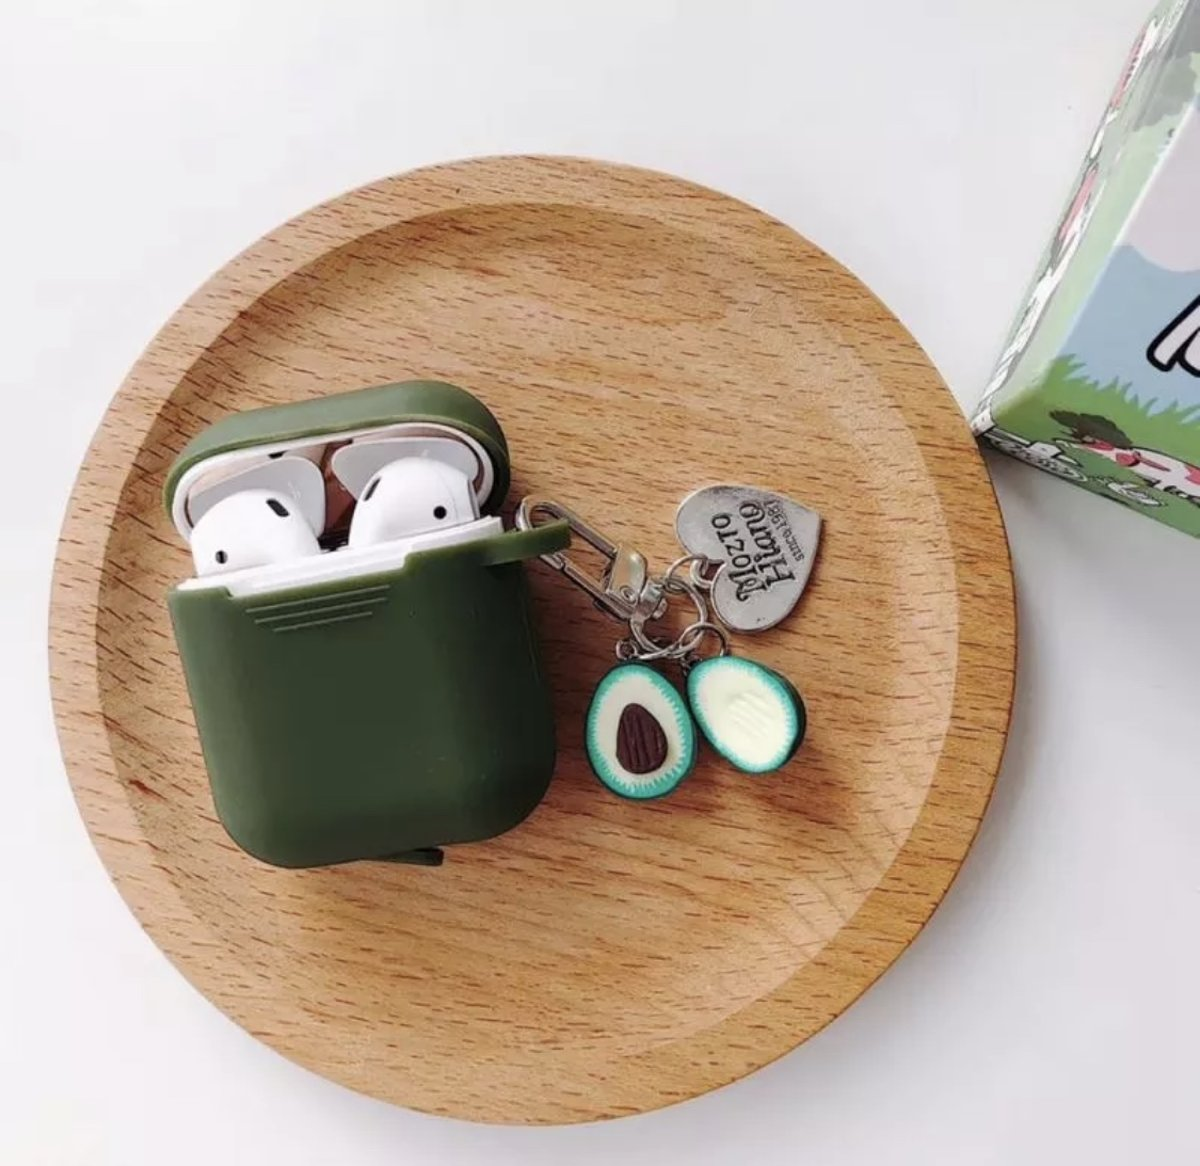 Airpods case - trendy Airpods hoesje geschikt voor Apple Airpods  - siliconen beschermhoesje - Olive green Avocado kopen